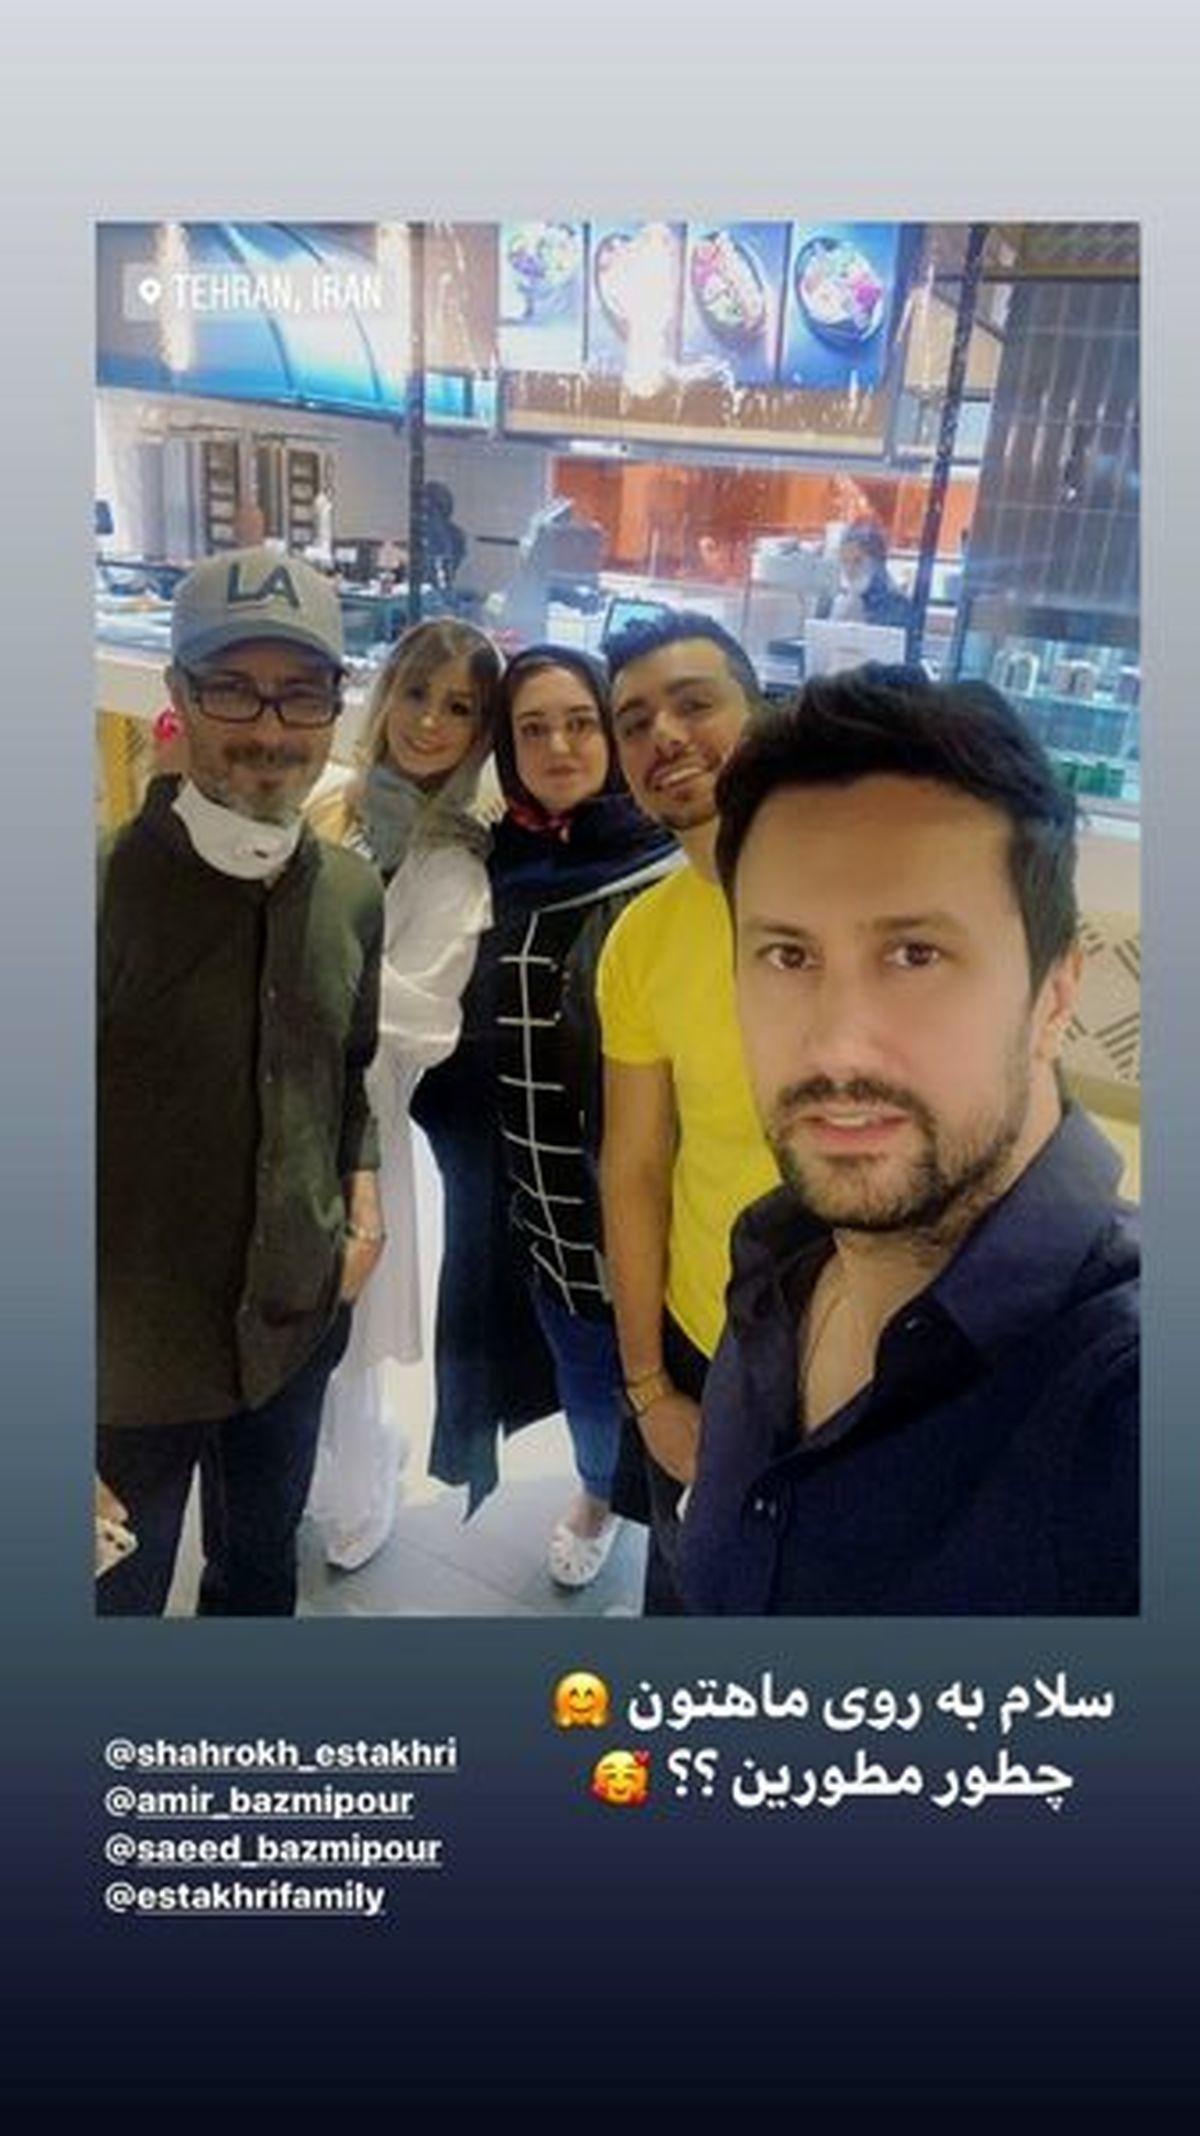 گشت و گذار شاهرخ استخری با خانواده همسرش + عکس